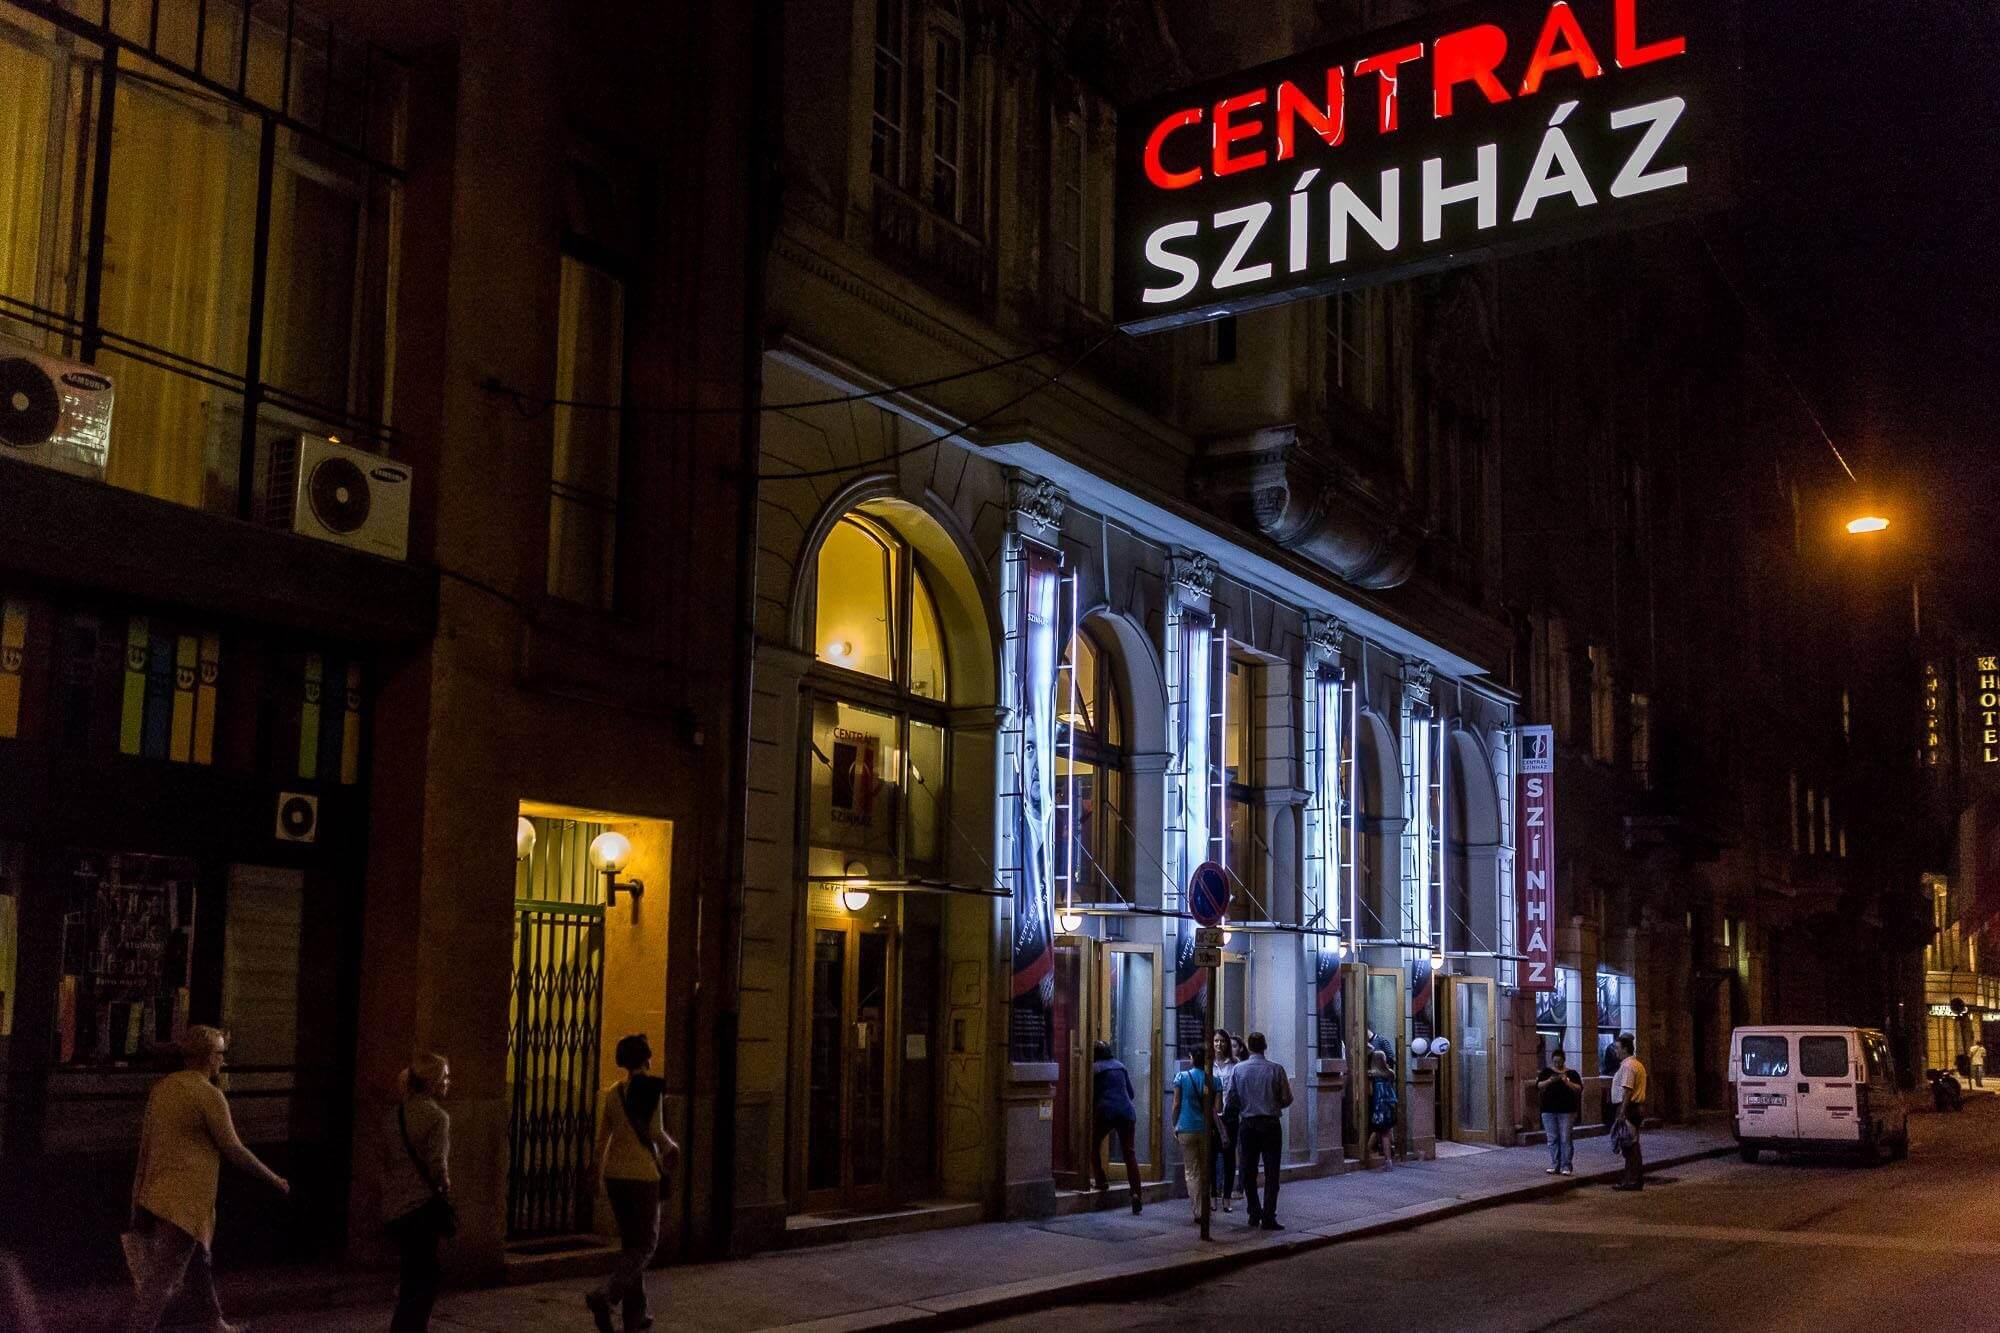 Megújul a 120 éves épületben található Centrál Színház előcsarnoka